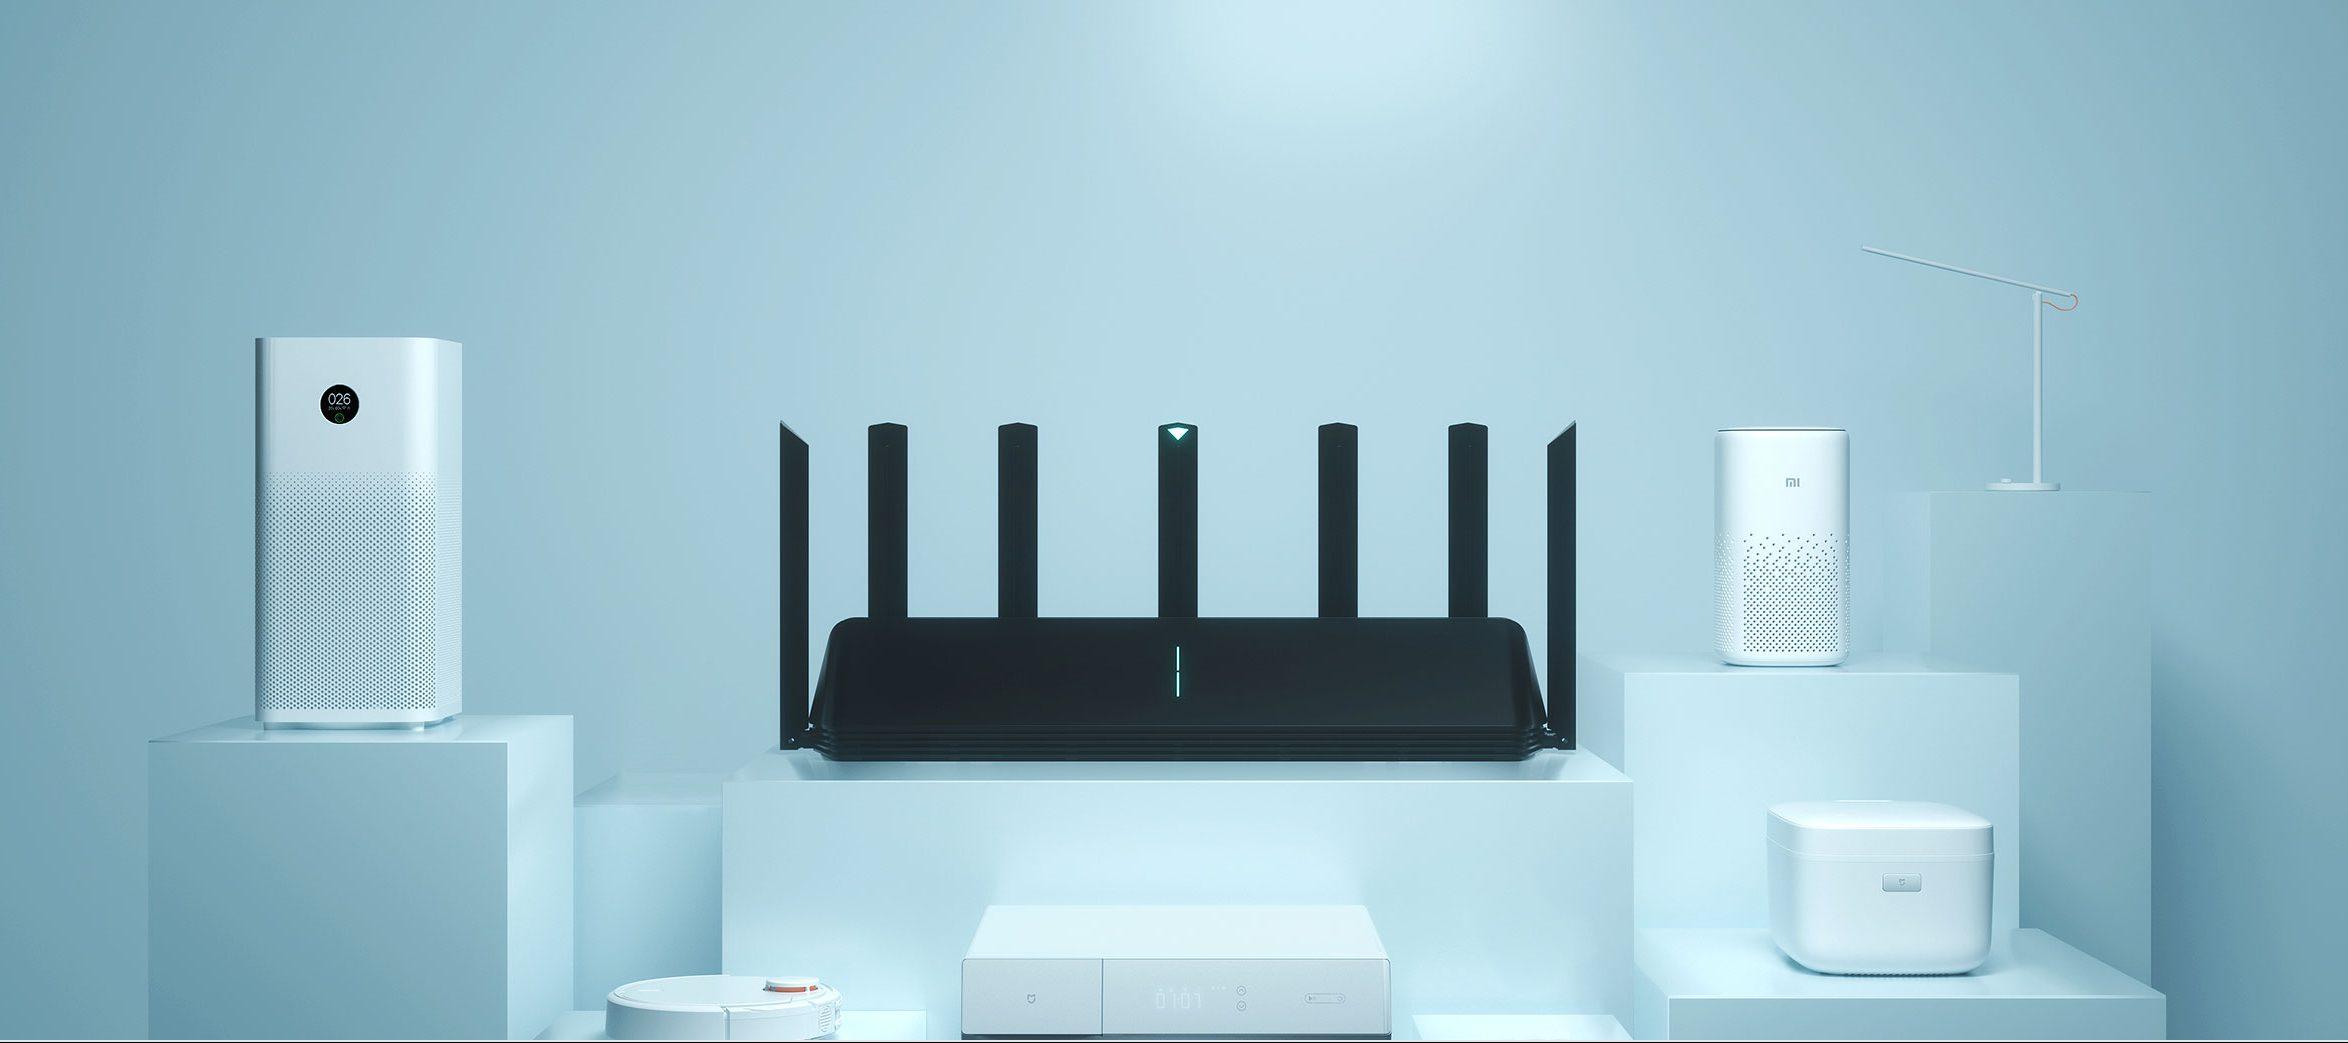 El mejor router WiFi 6 de Xiaomi está ahora a mitad de precio: llévatelo por 54 euros. Noticias Xiaomi Adictos